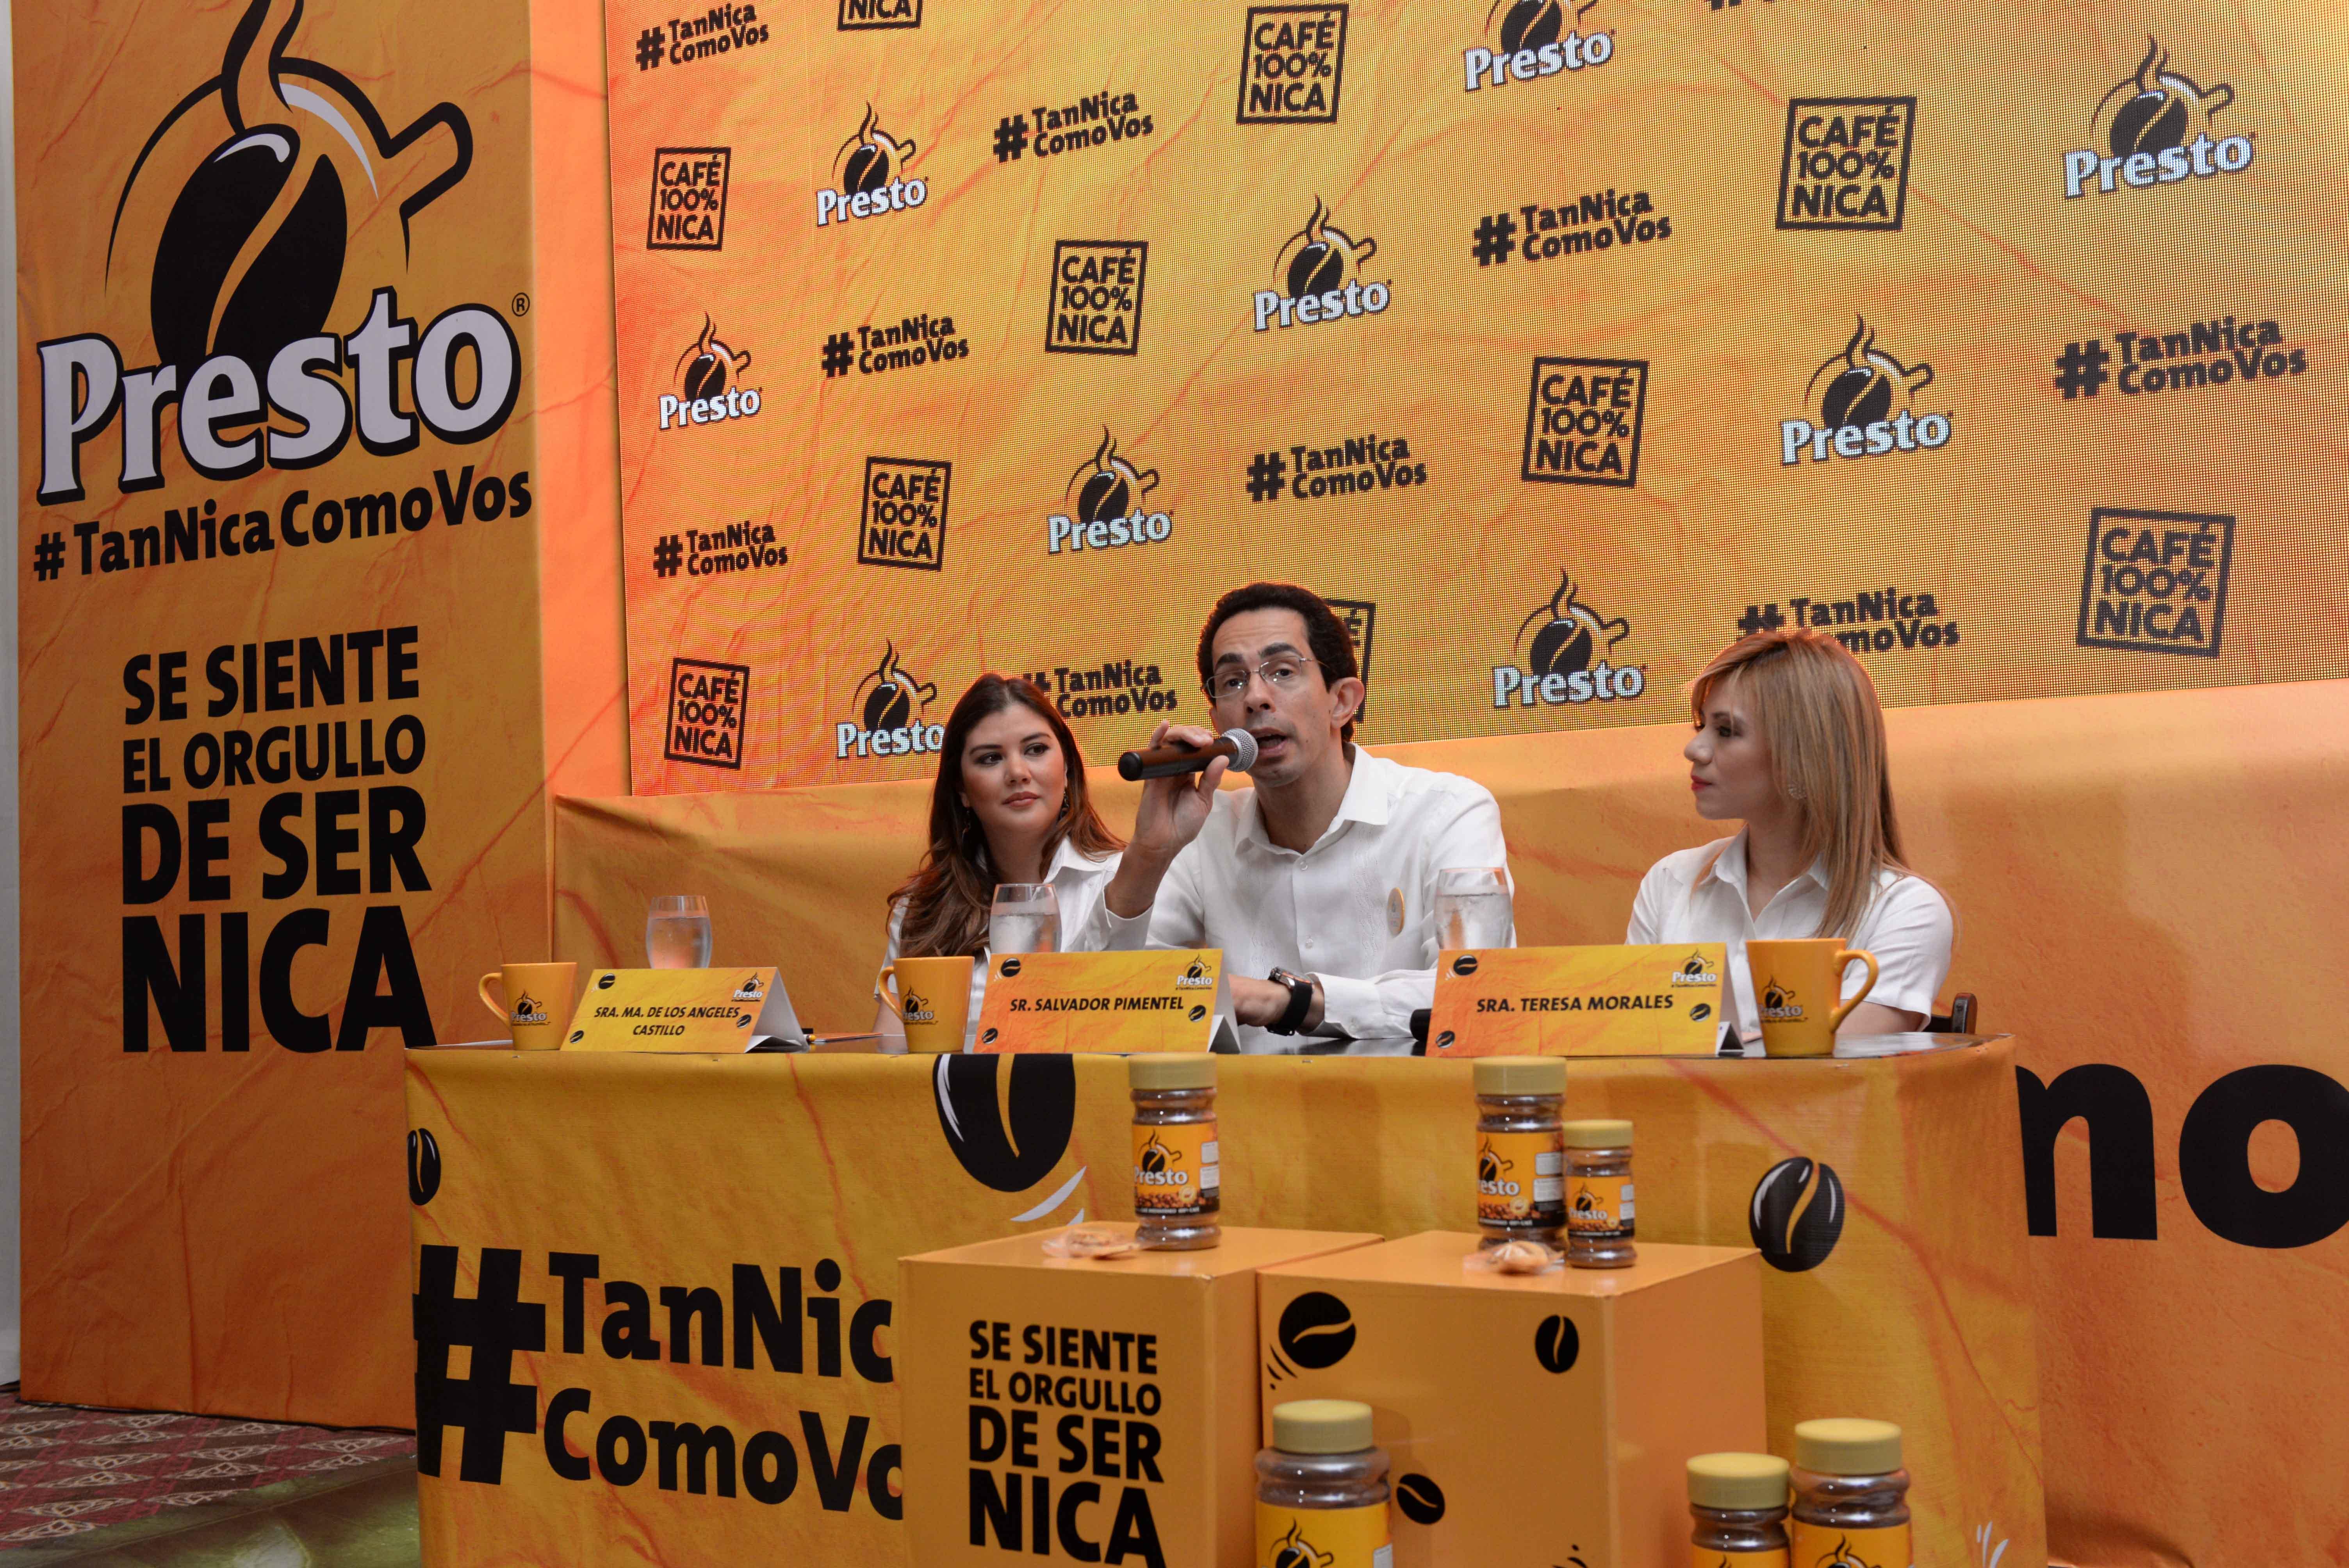 Café Presto estrena campaña